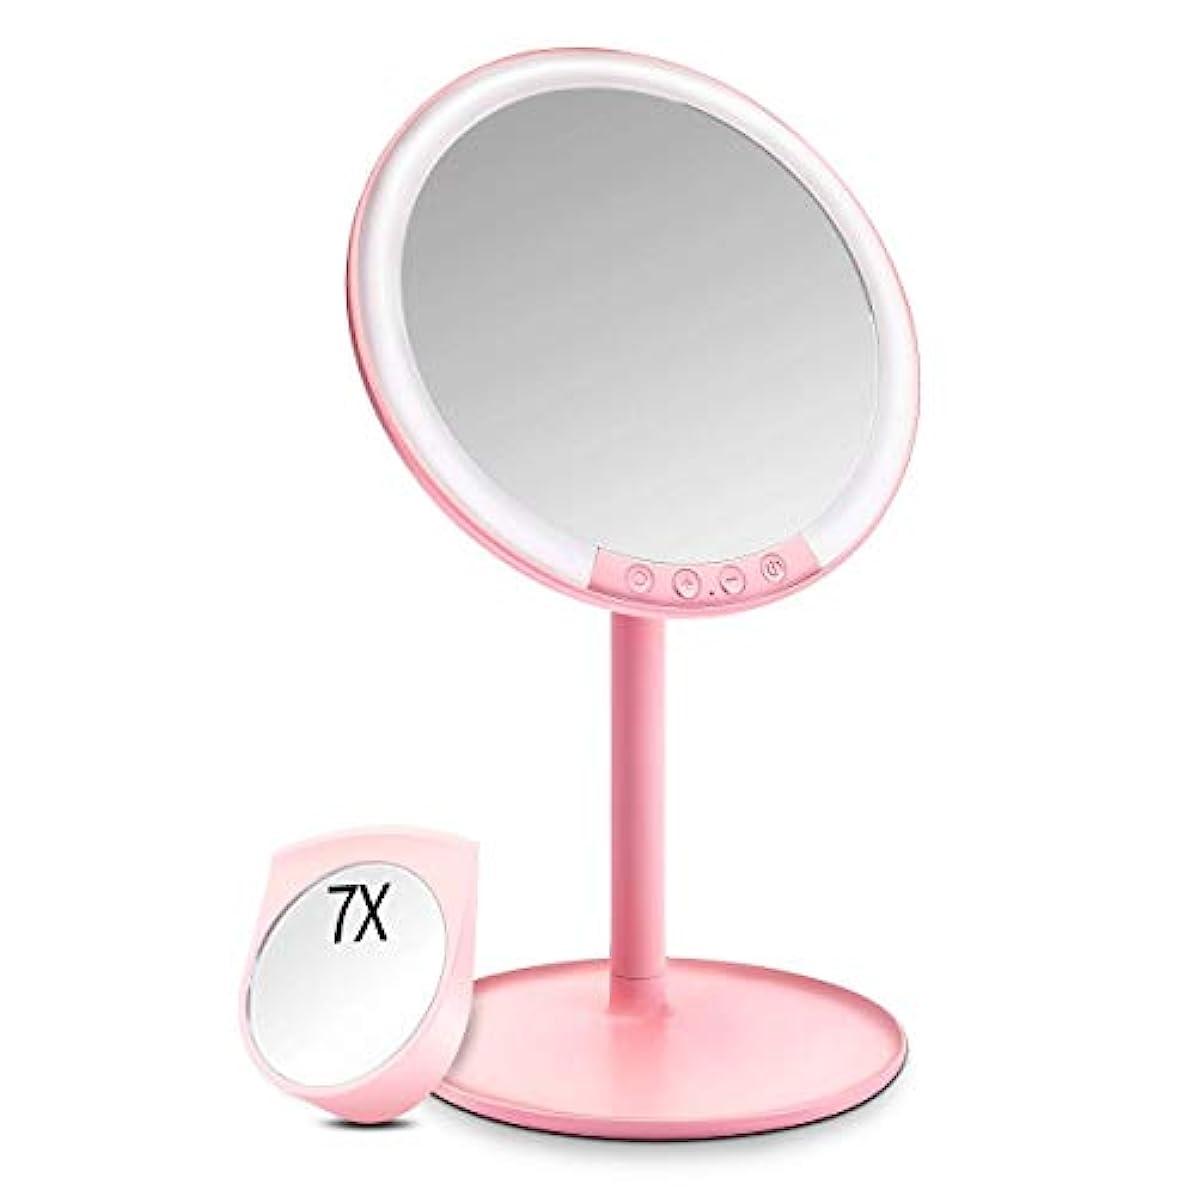 雰囲気重量アドバイス化粧鏡 化粧ミラー Morpilot 卓上ミラー 女優ミラー 66個LED付きミラー 7倍拡大鏡付き 3色調節可能 明るさ調節可能 USB充電式 120度回転 収納ベース 可愛い鏡